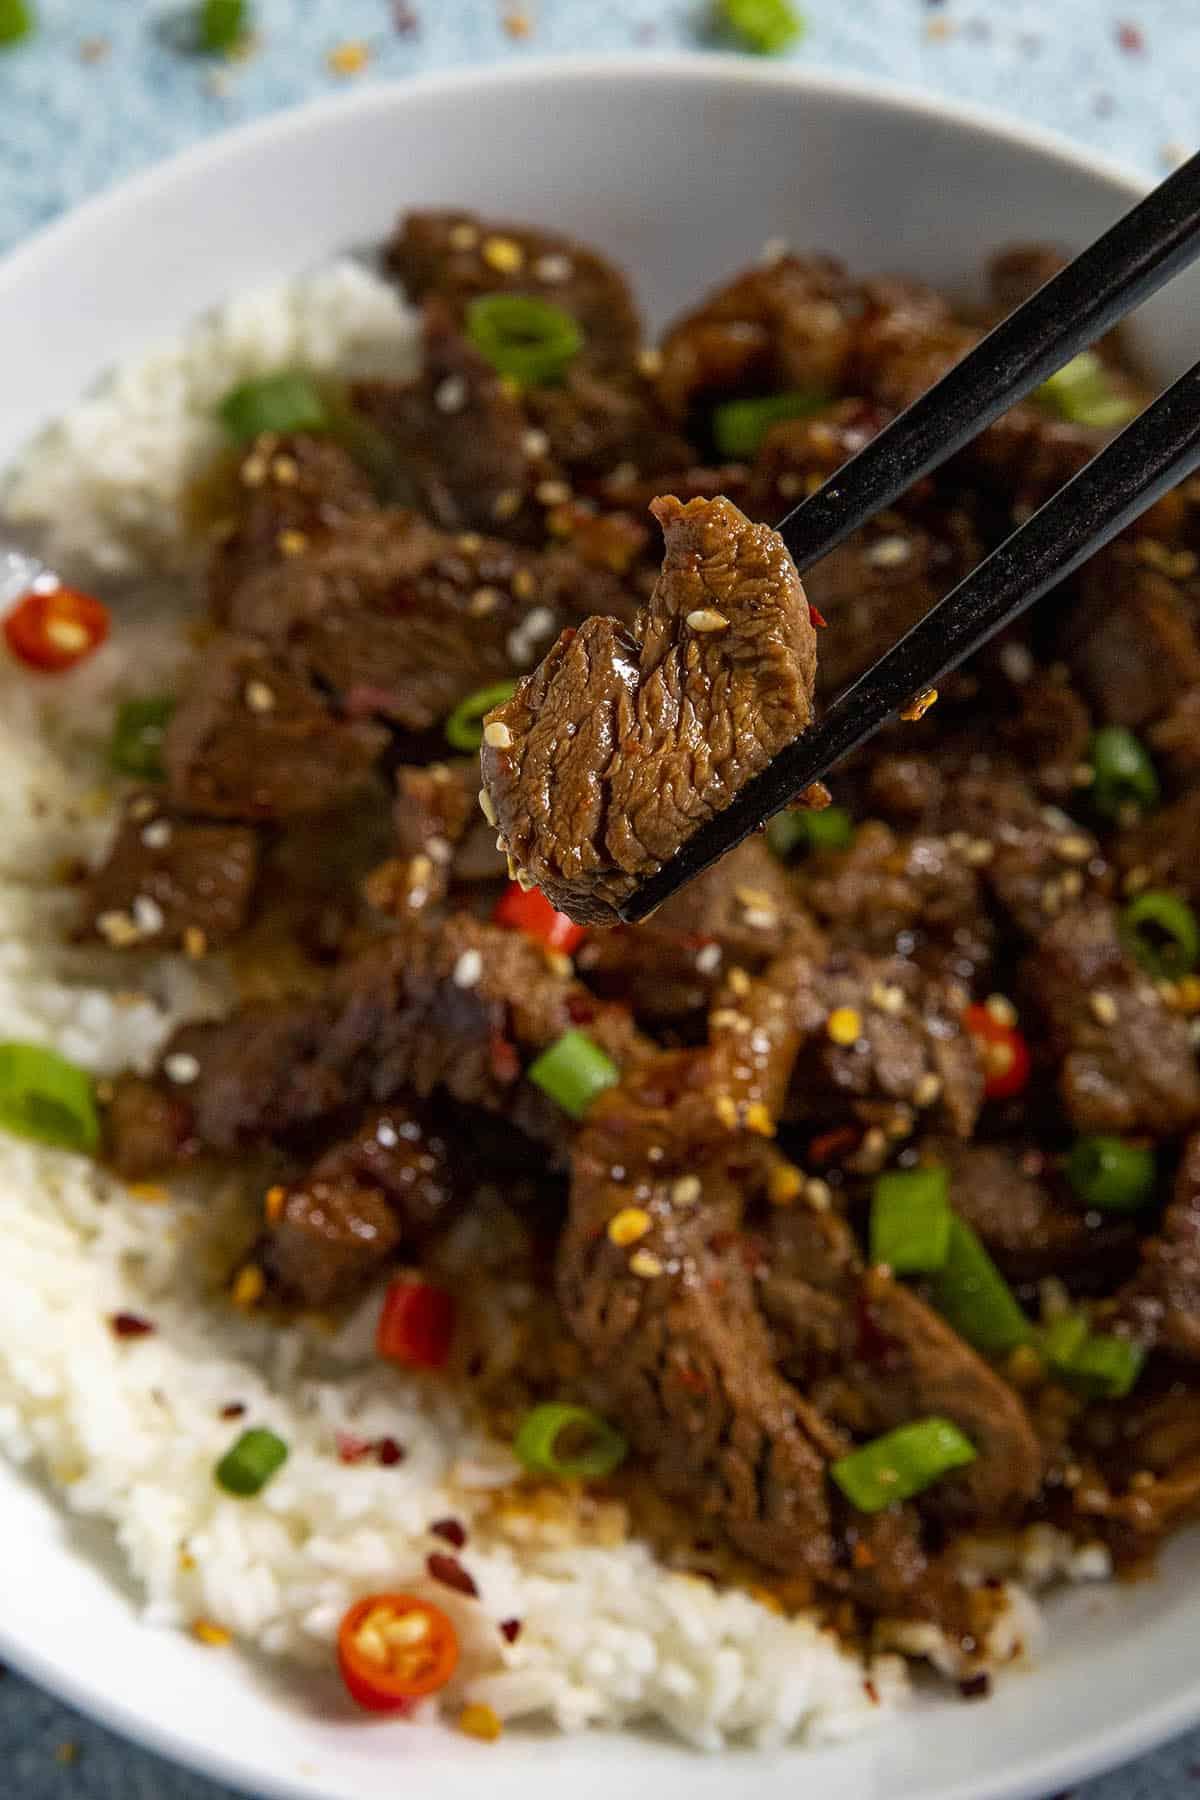 Chopsticks grabbing a slice of bulgogi from a bowl